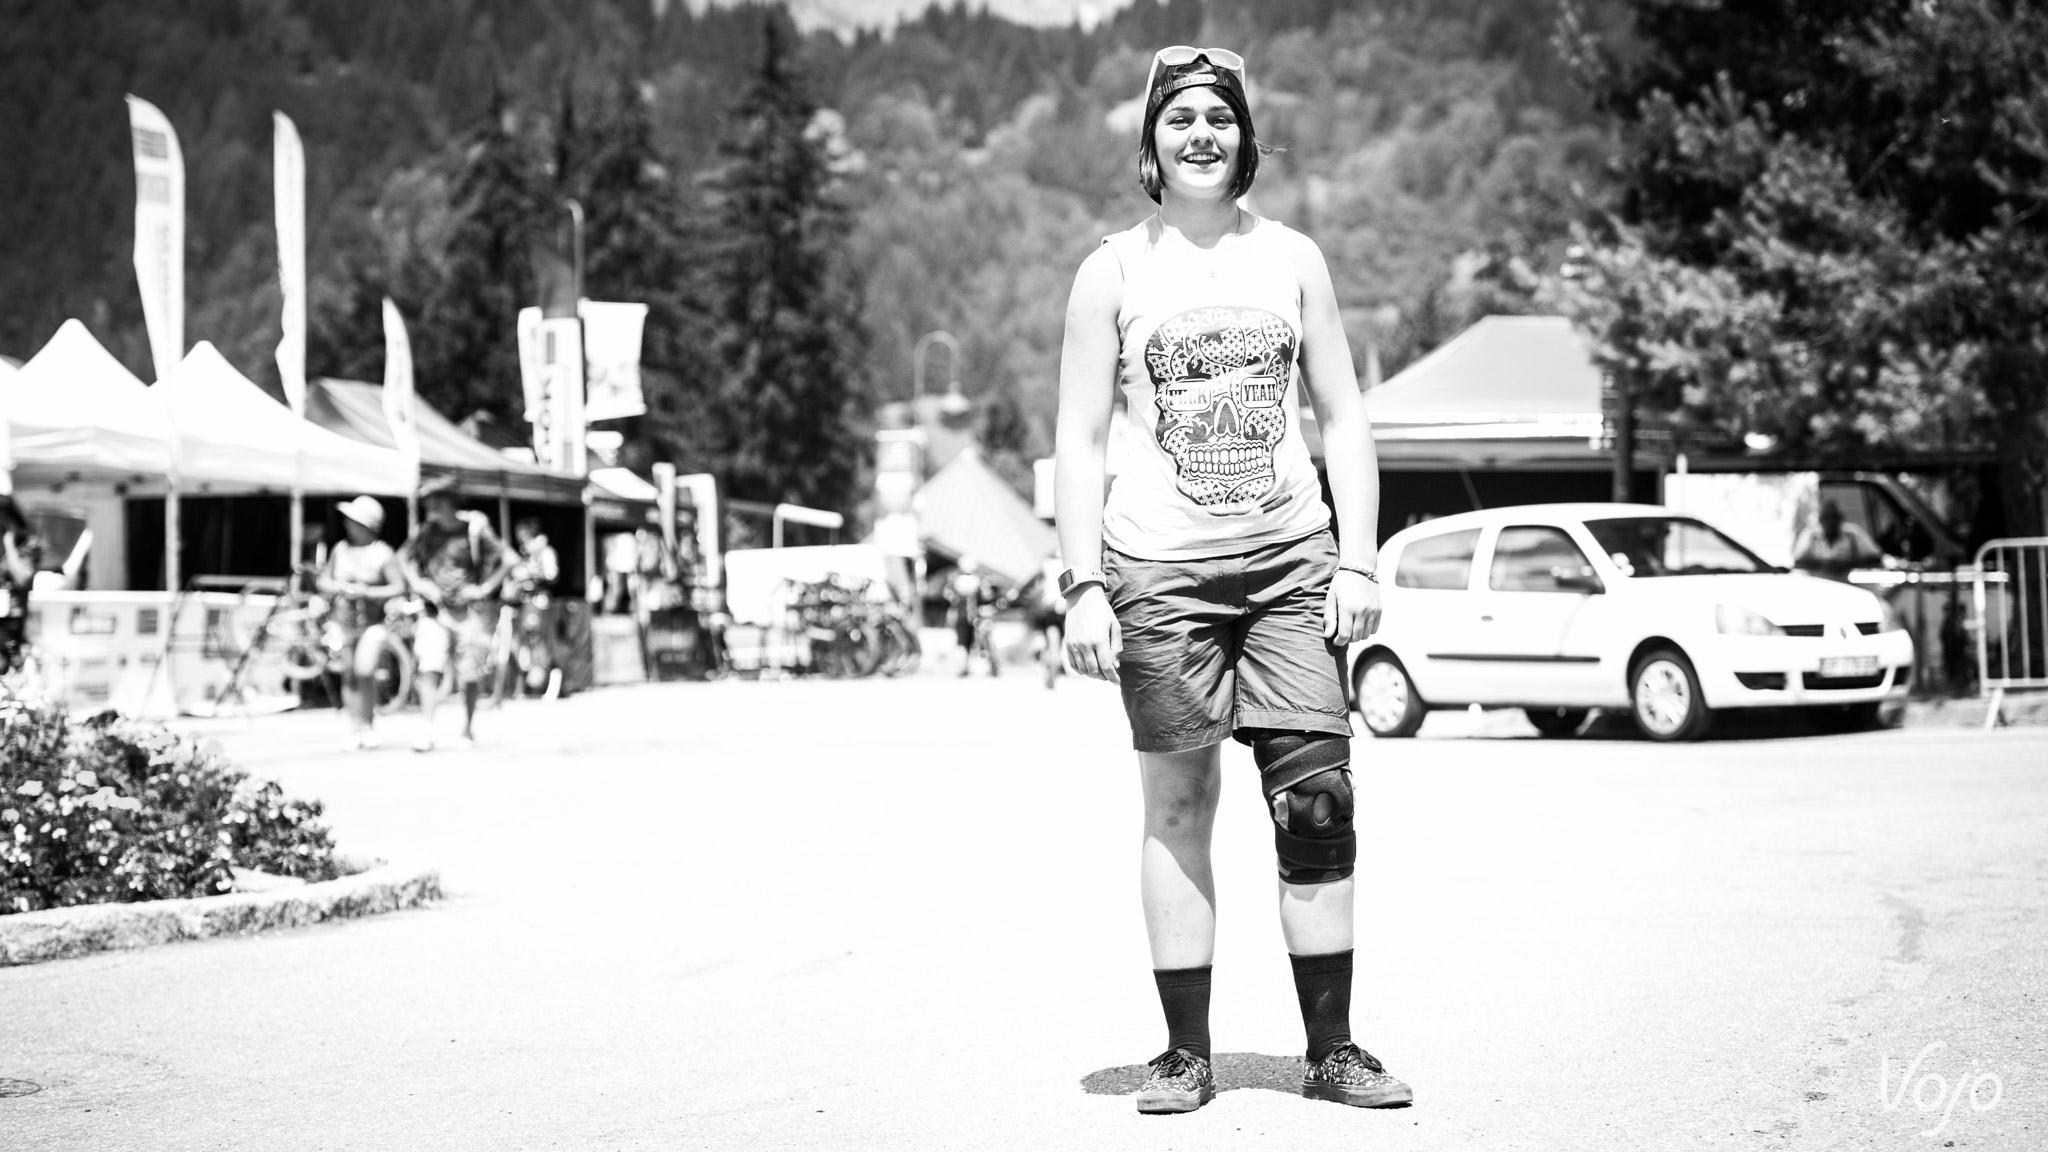 Championnats-de-france-2015-Oz-portraits-dh-27